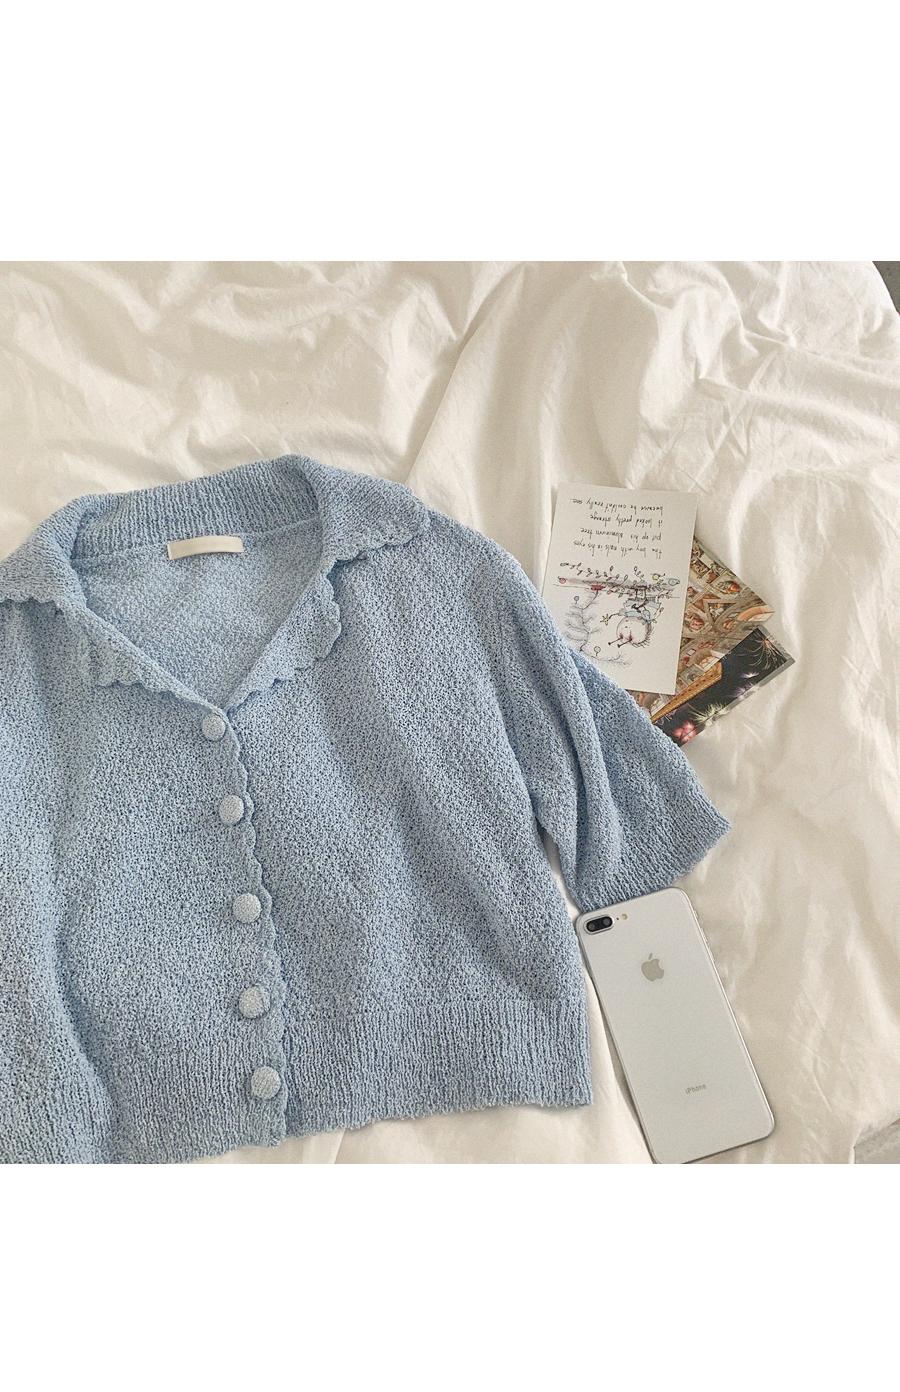 Emotional Girl Kara Knitwear Cardigan